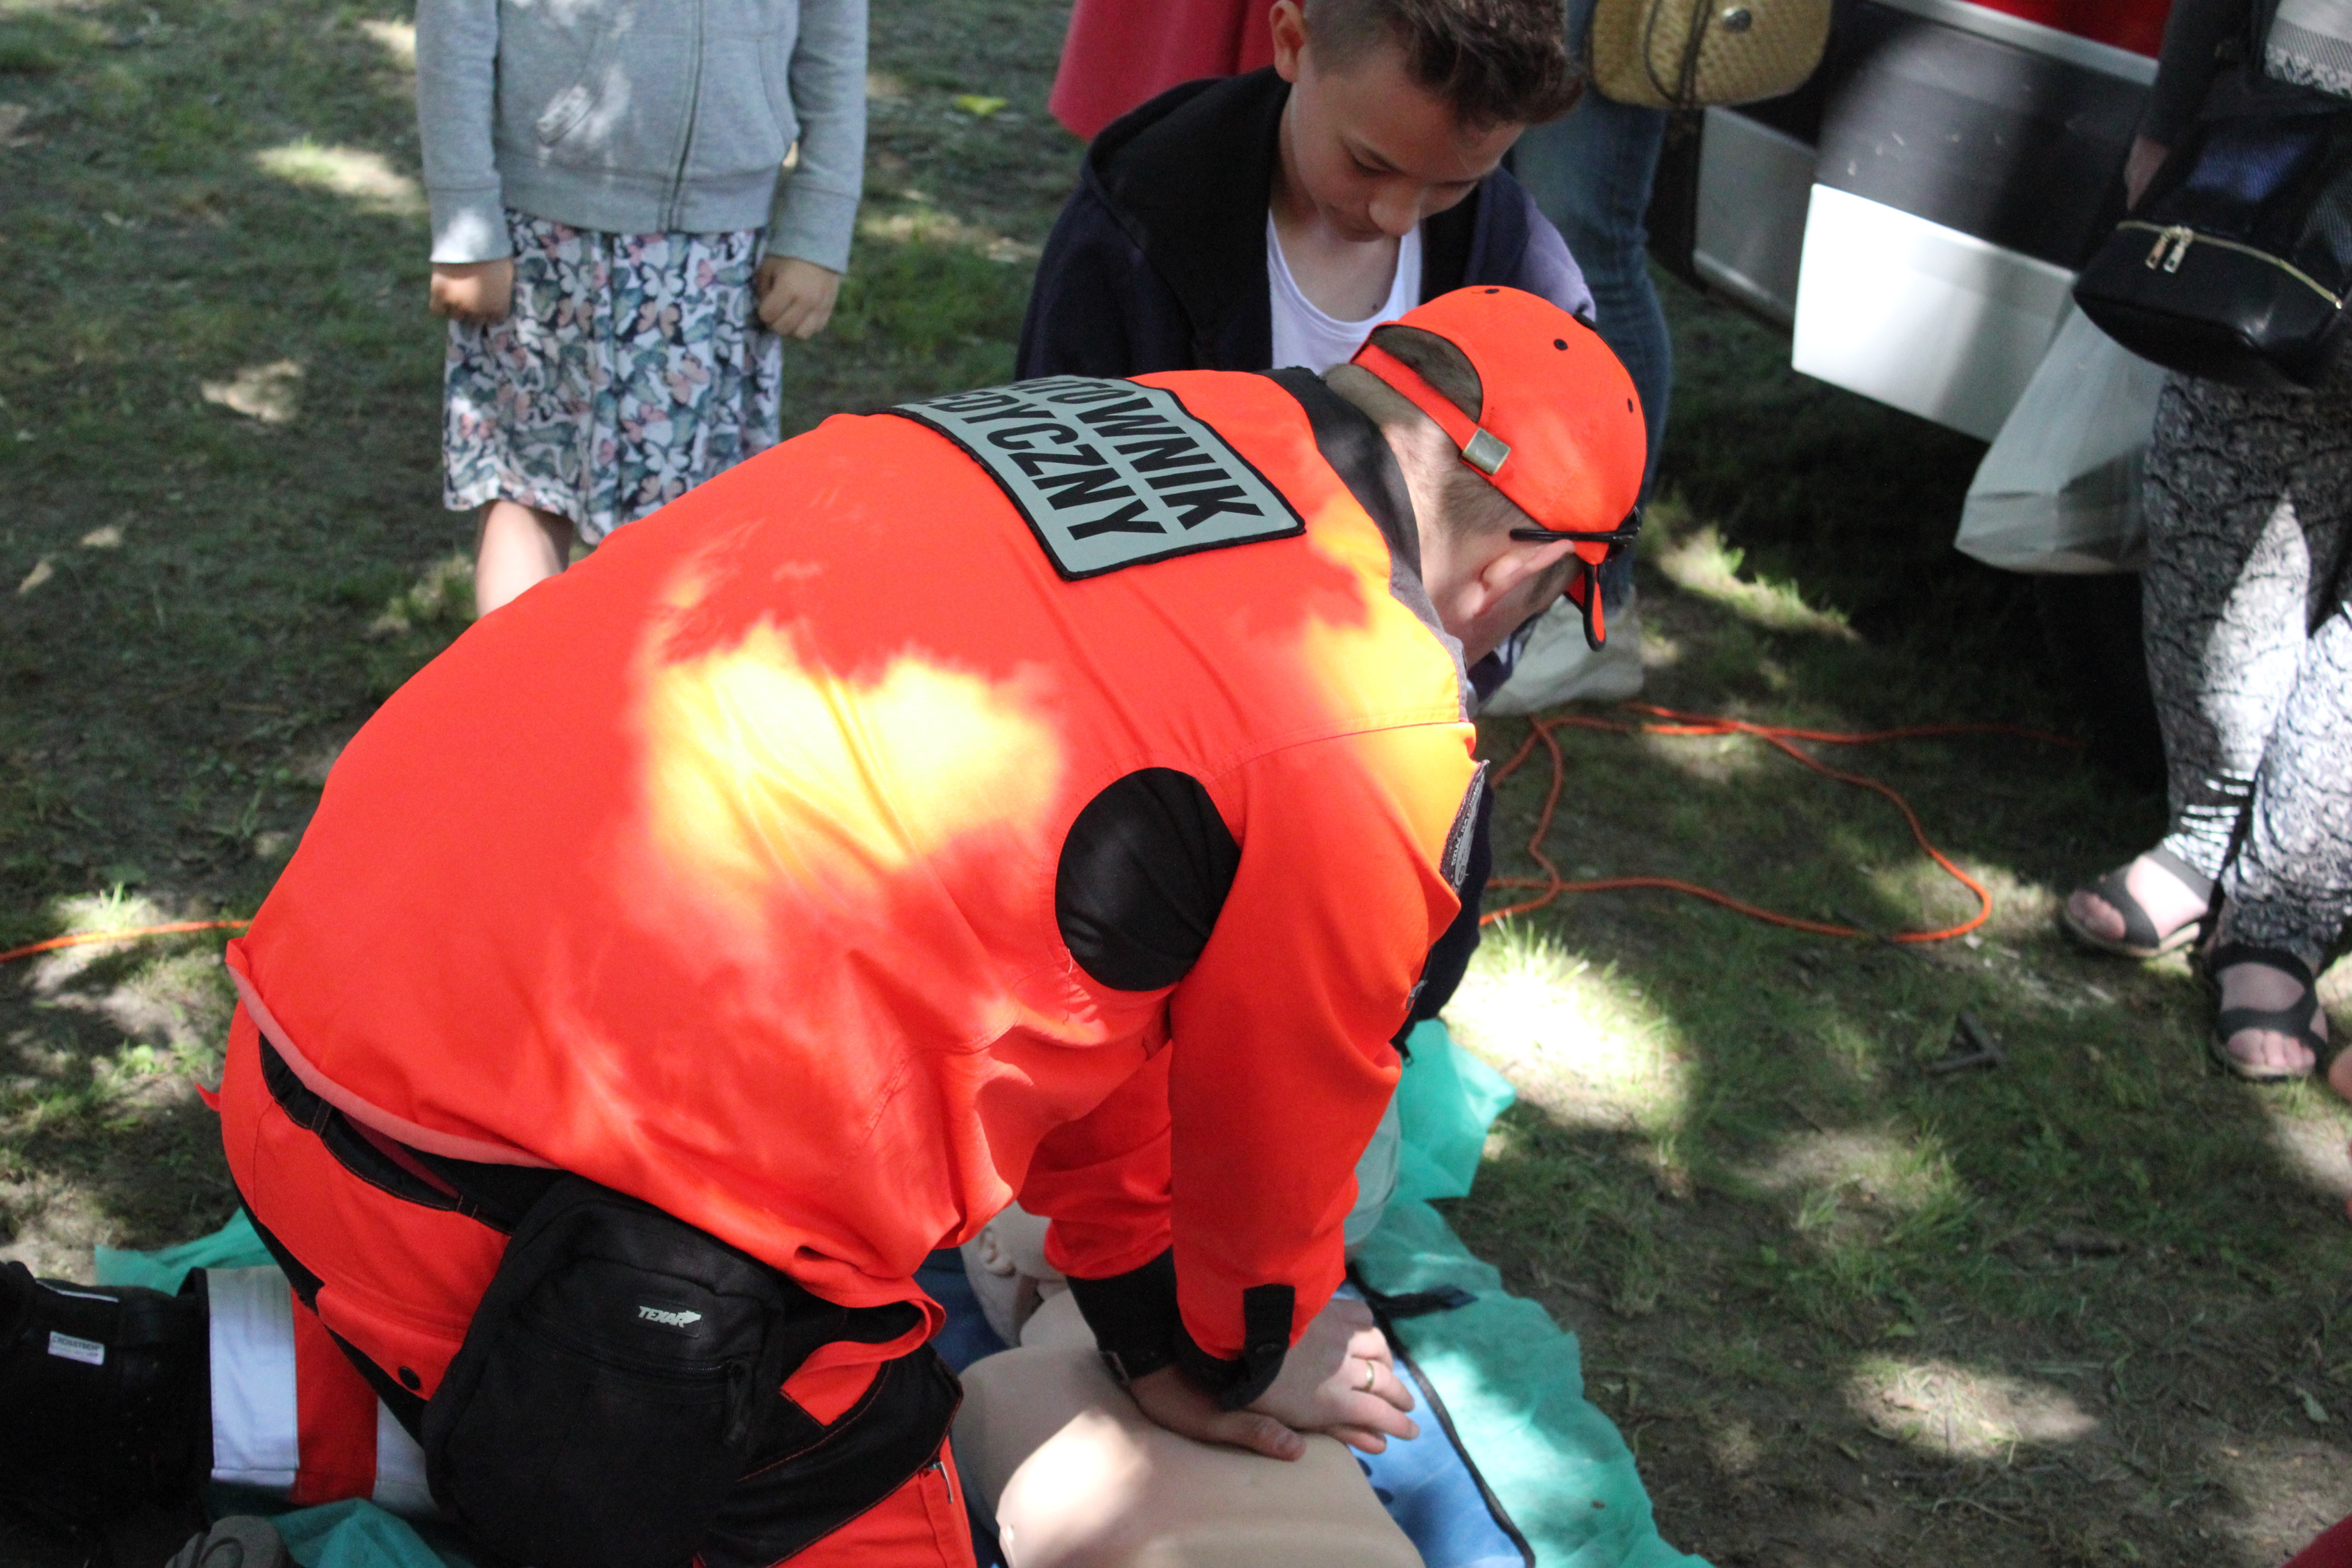 ERC: Udzielając pierwszej pomocy należy zakładać, że poszkodowany jest zakażony koronawirusem